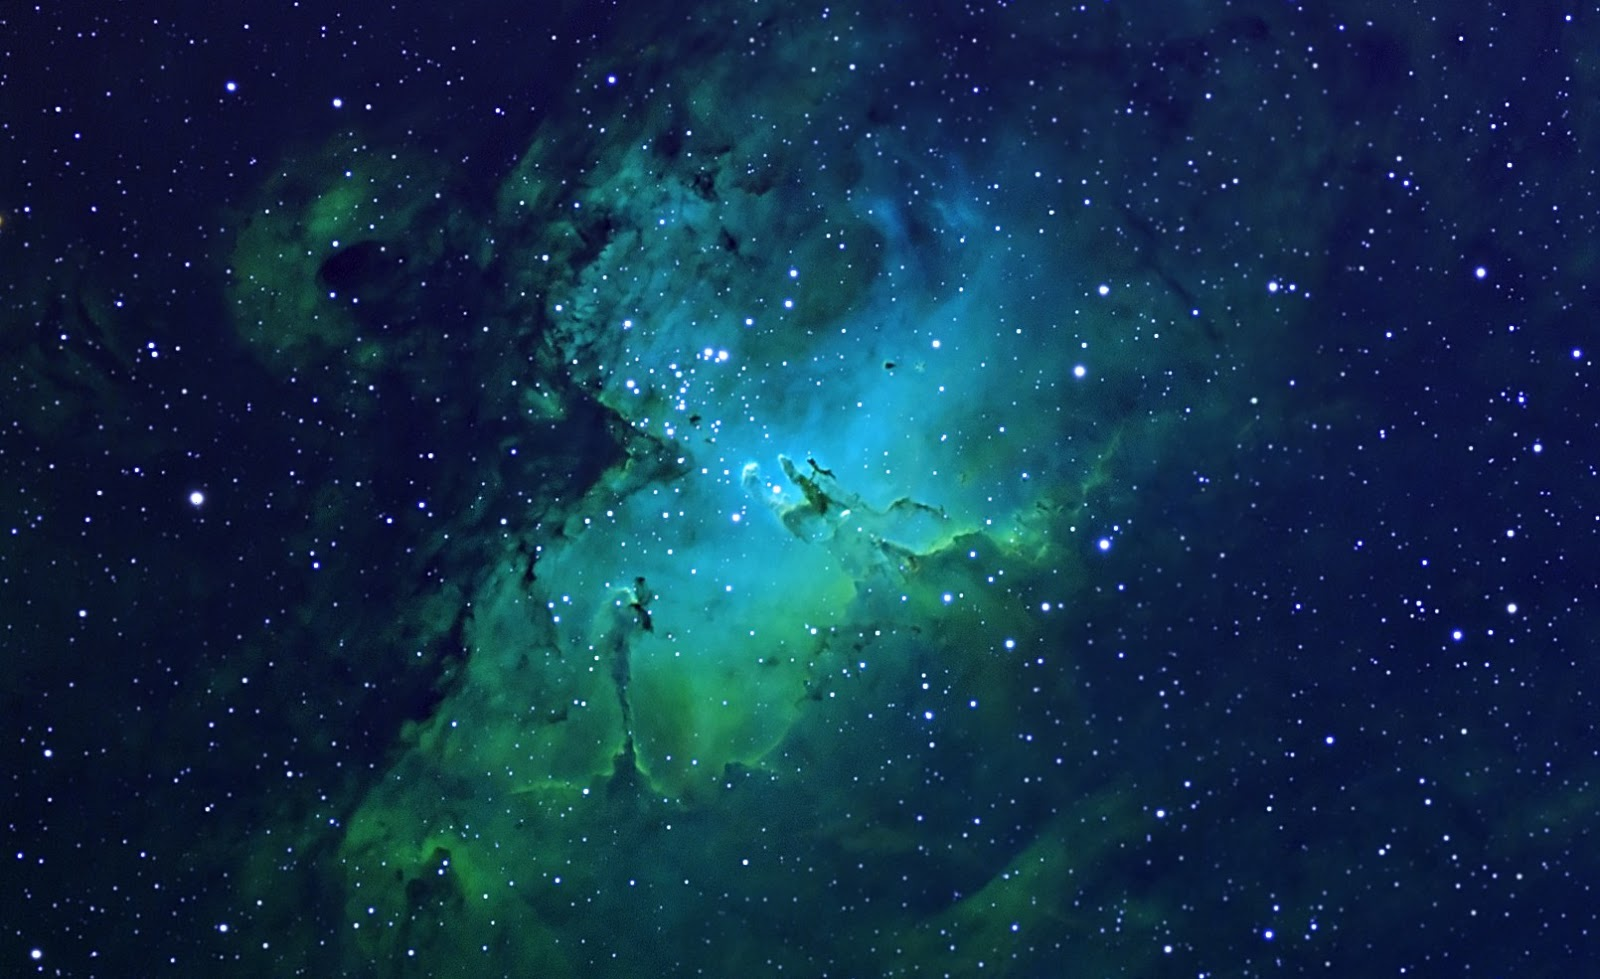 Eagle Nebula Wallpaper Hd 2 Earth Blog